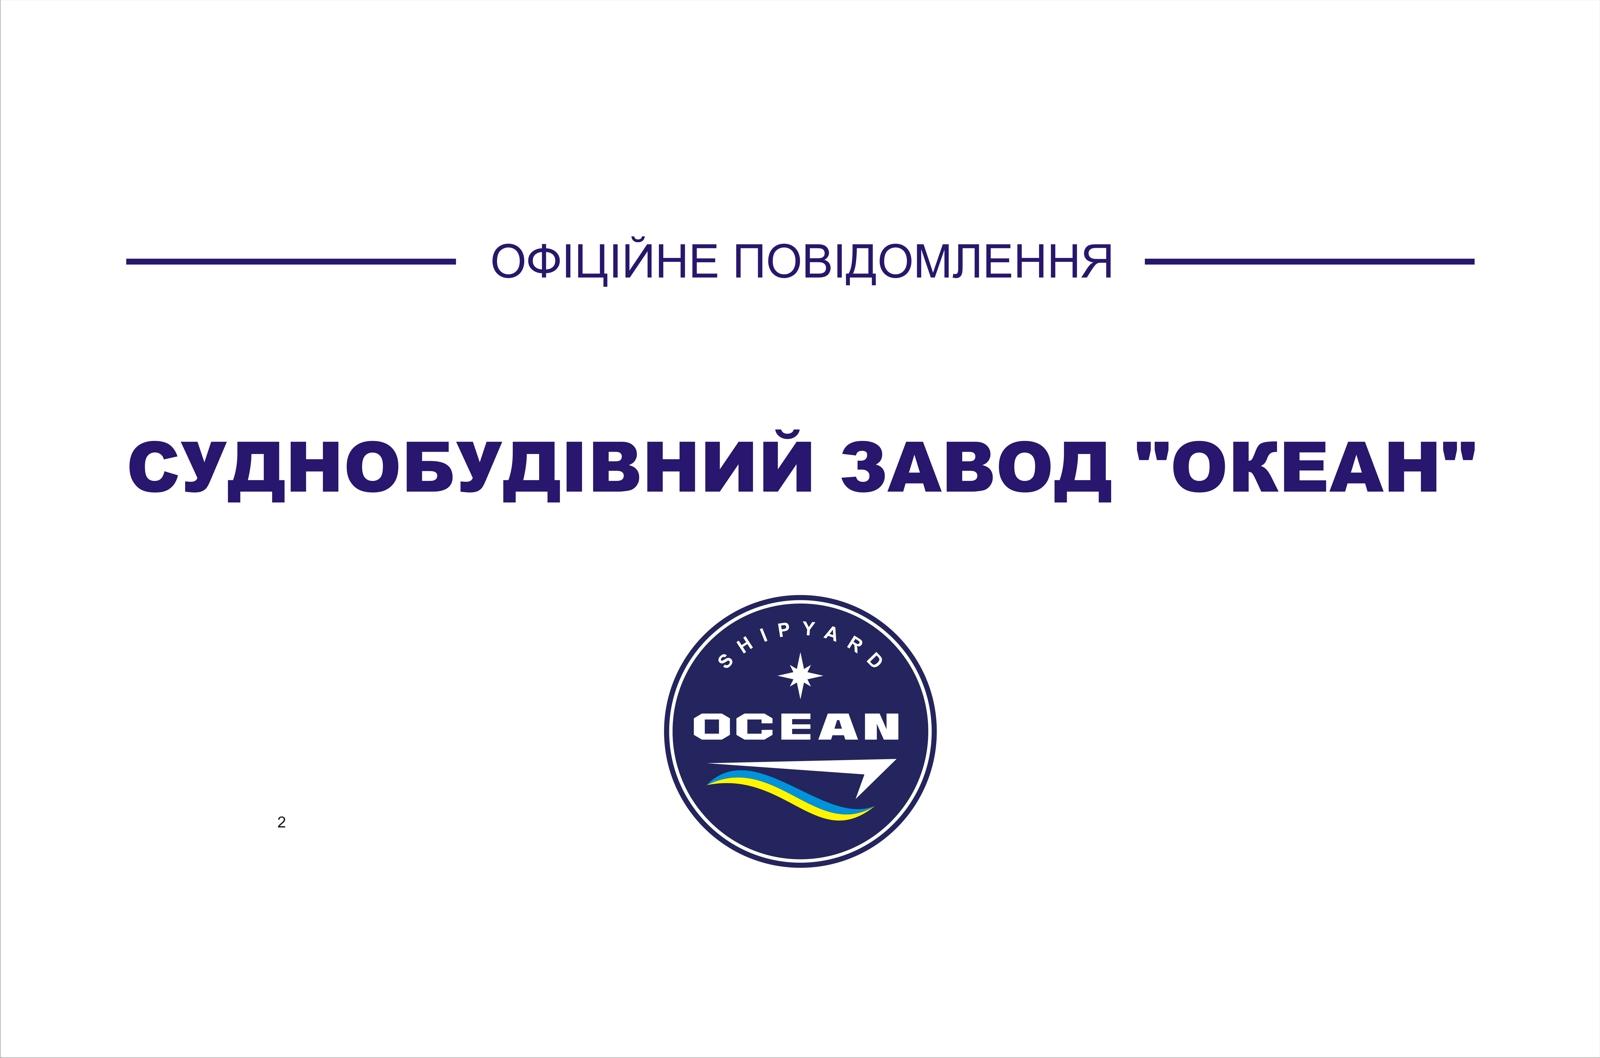 Создание Наблюдательного совета Судостроительного завода «Океан»